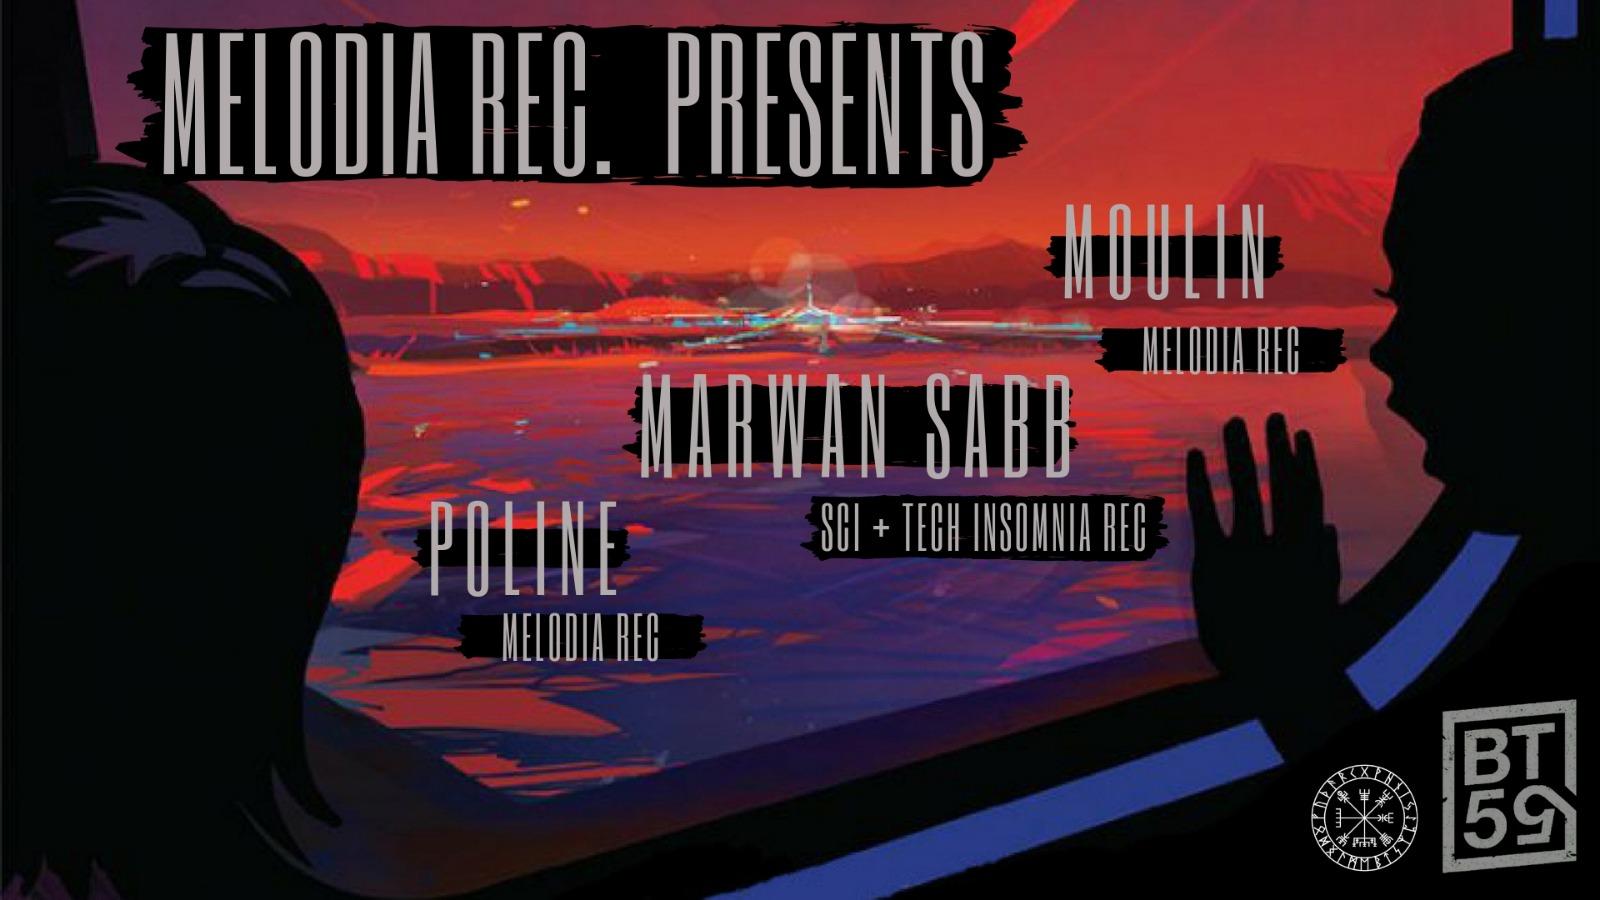 Melodia Rec. presents : Marwan Sabb